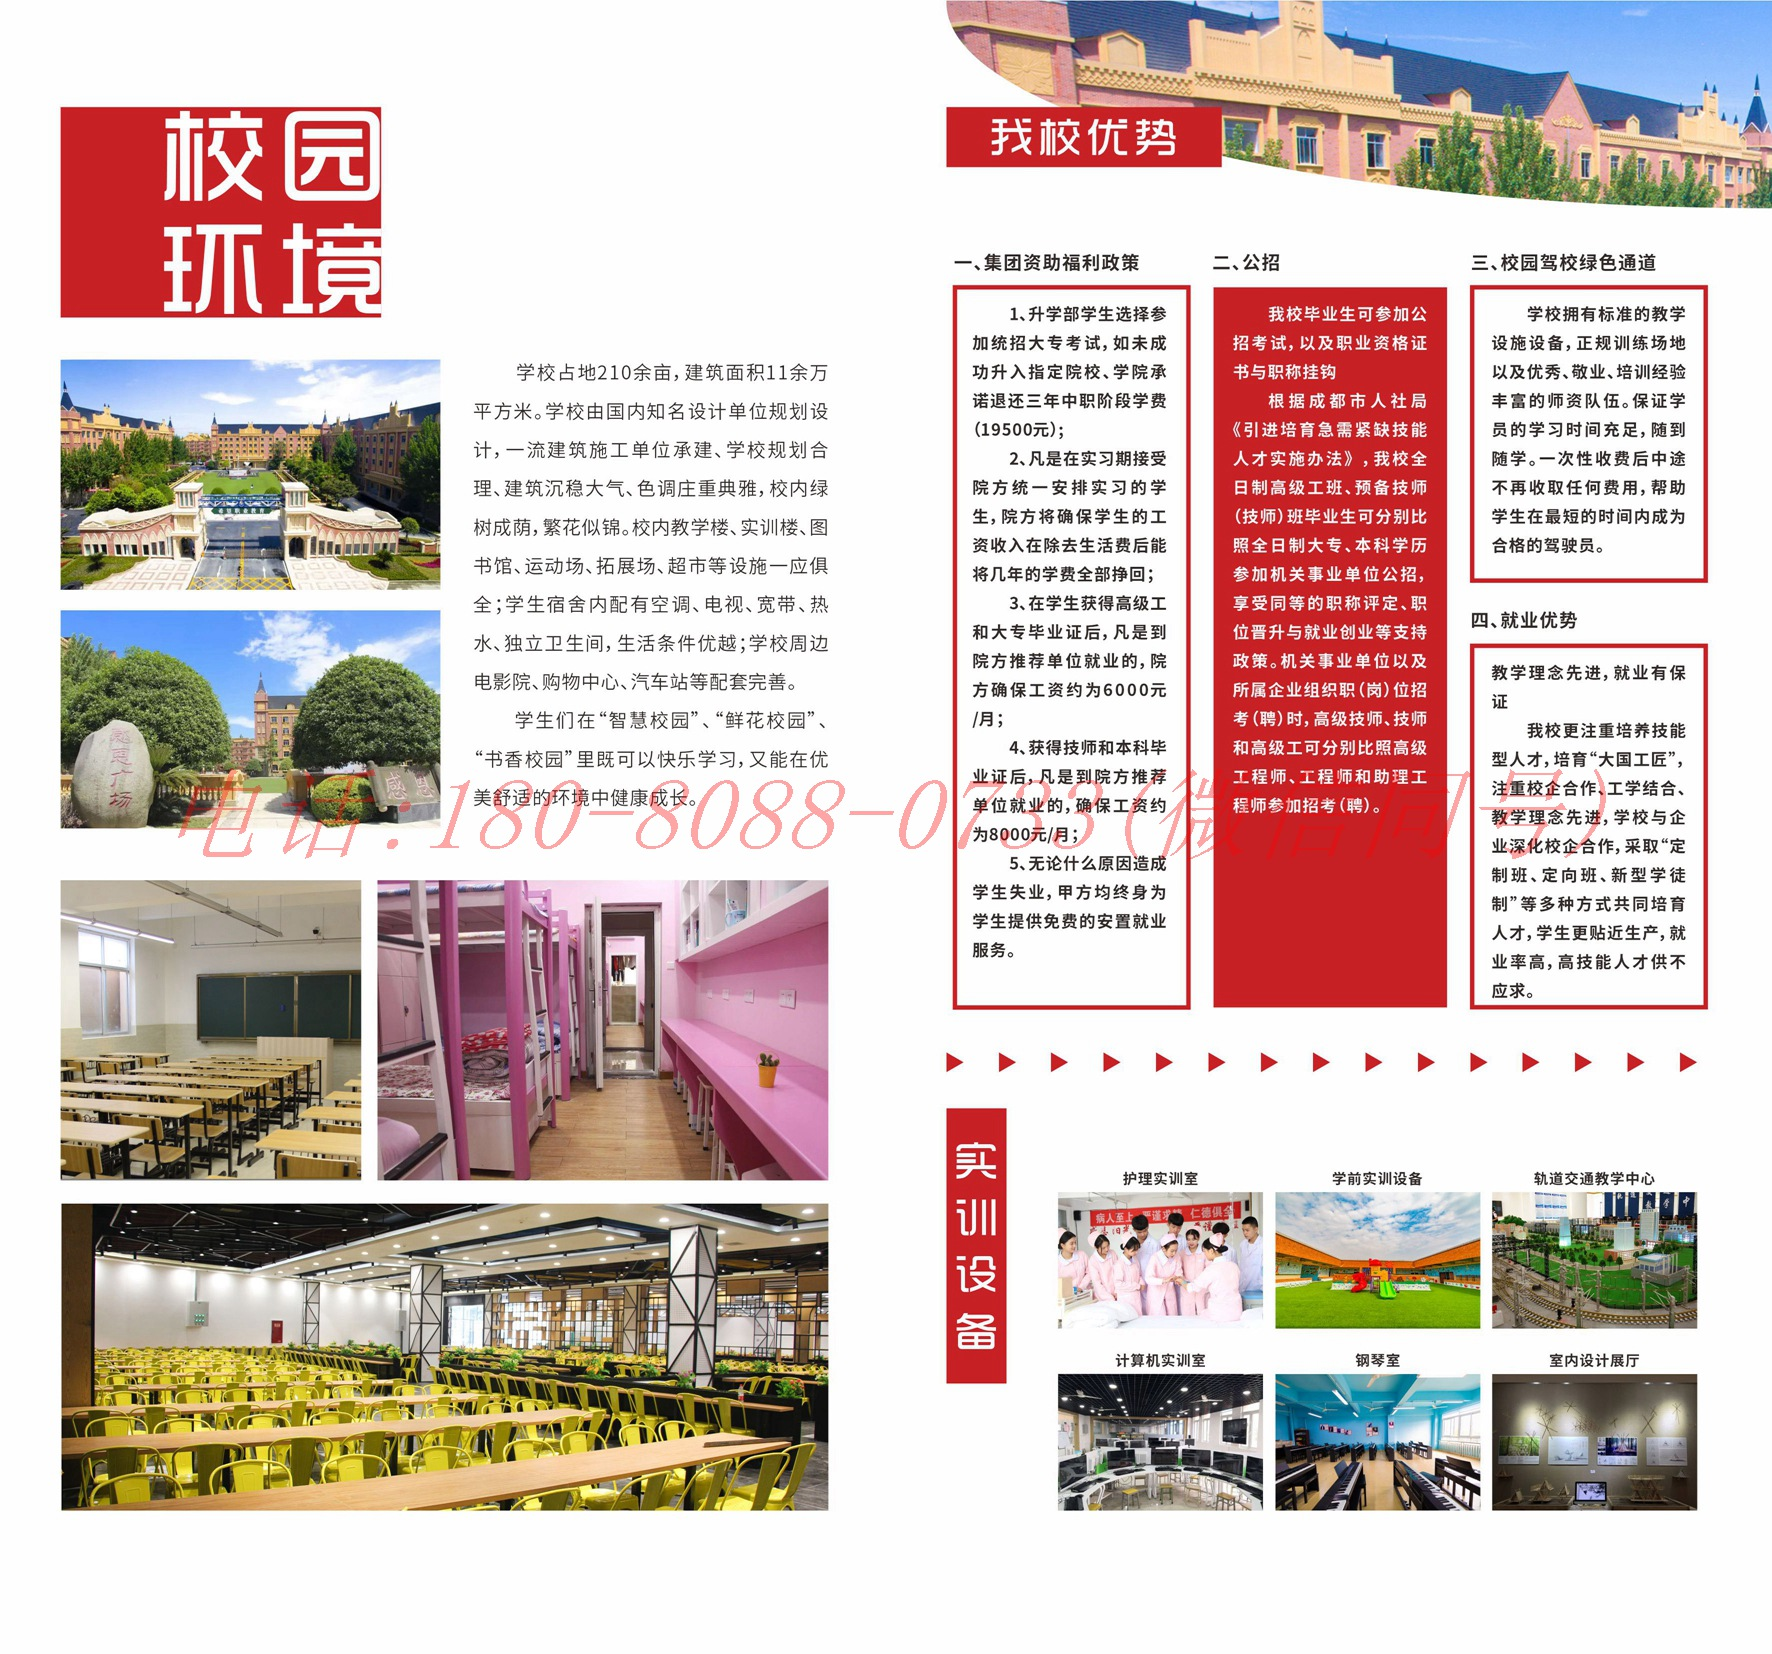 四川五月花技师学院办学优势校园环境及实训设备